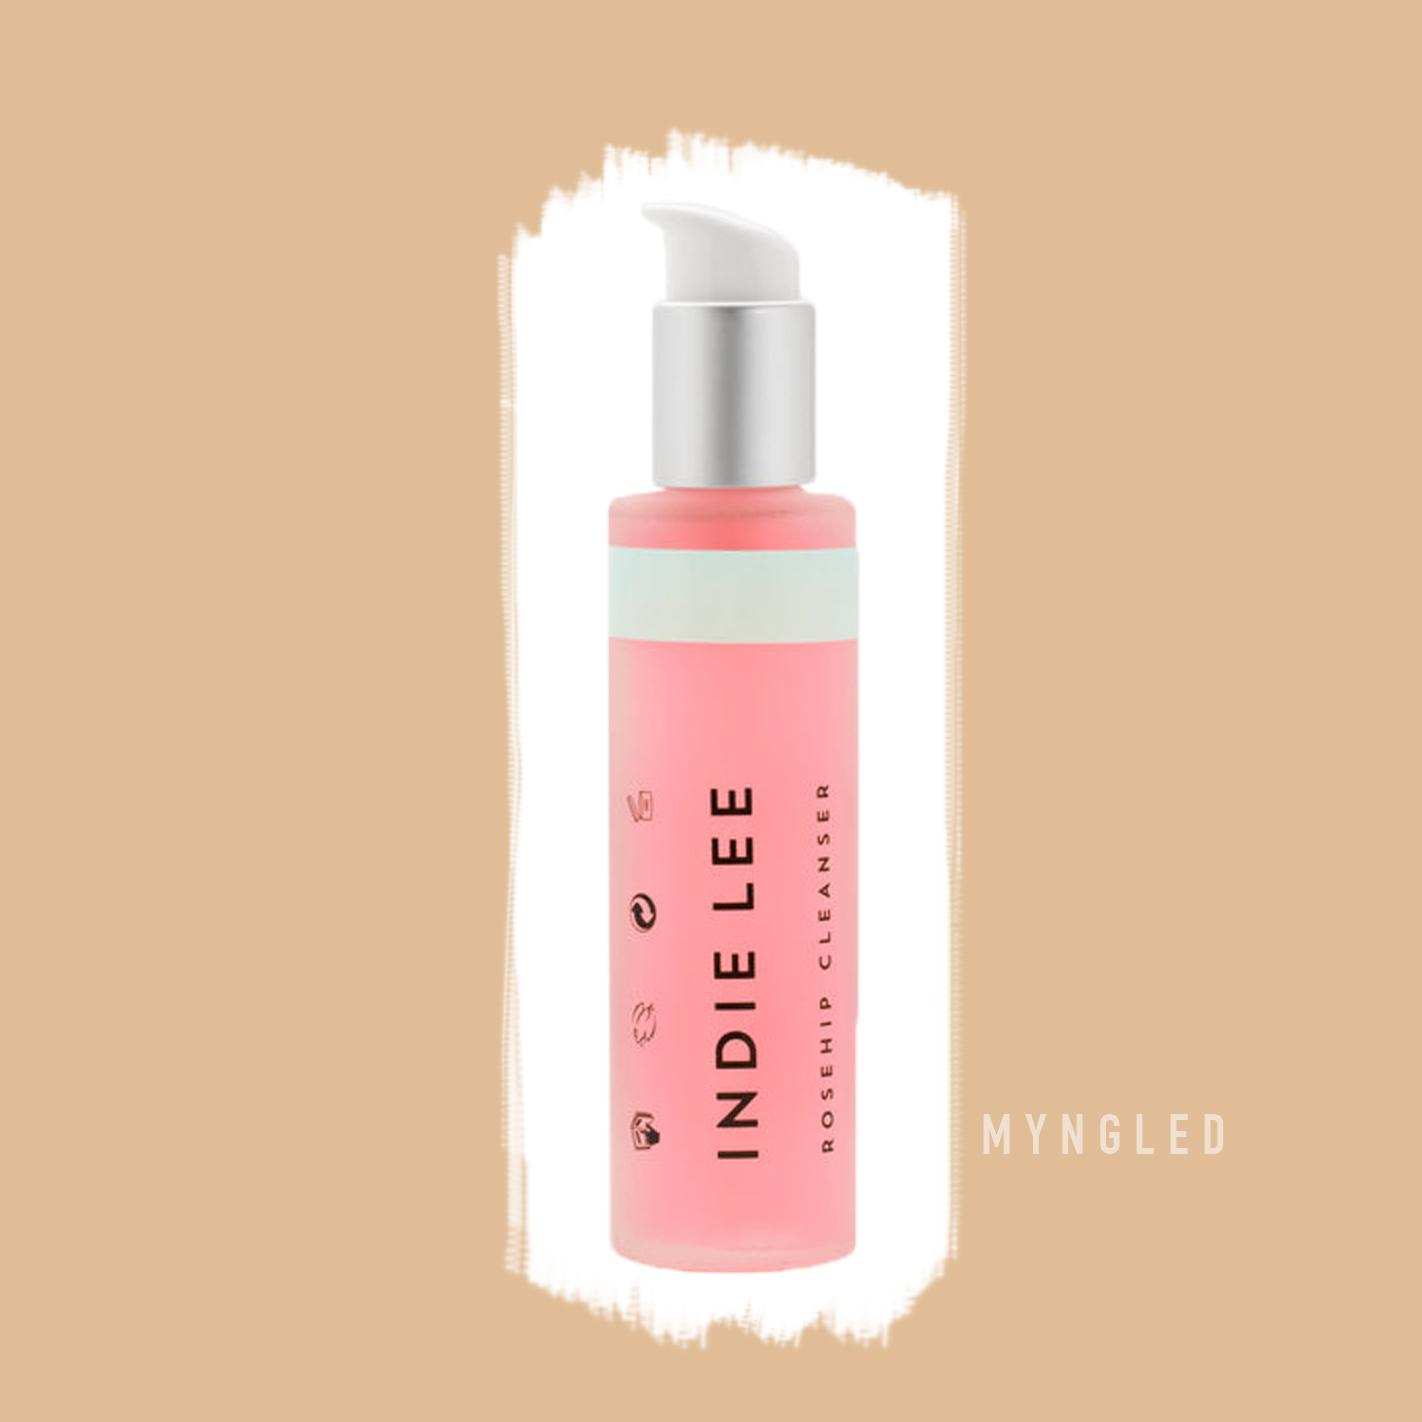 Gel lavant visage Indie Lee. Revue et avis sur Myngled